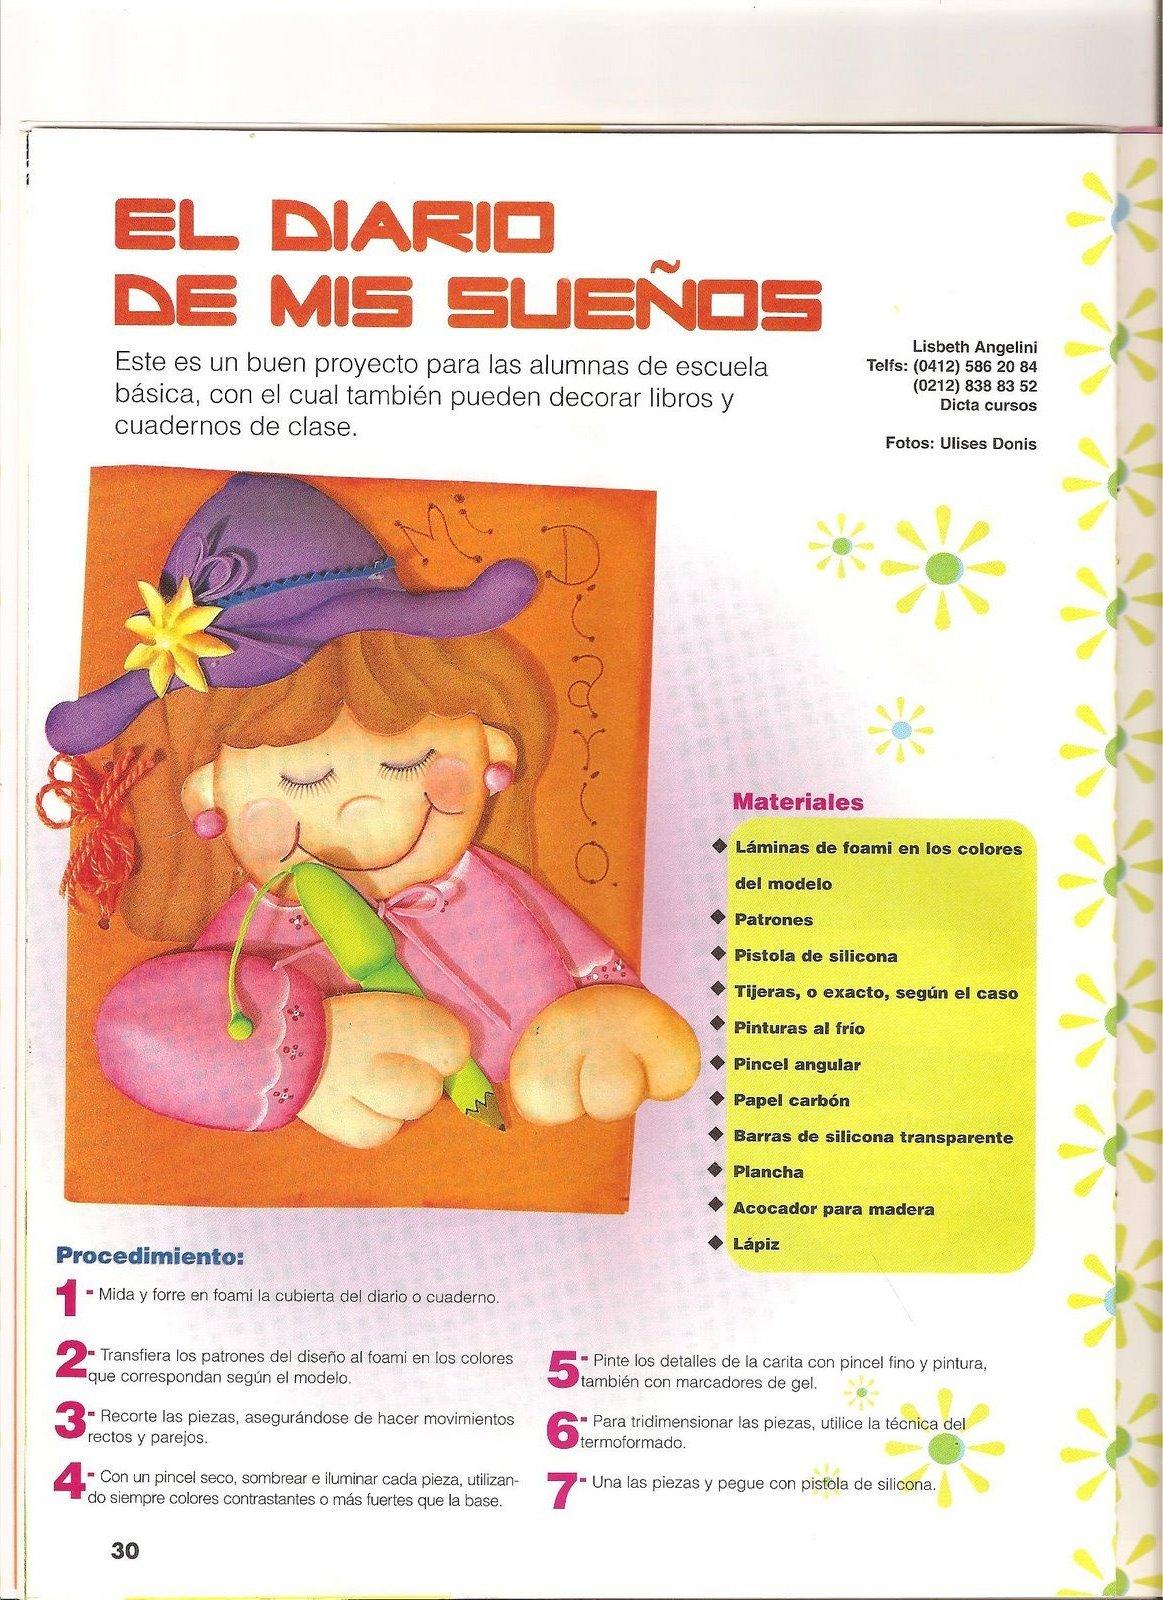 Publicado por CoSqUiLLiTaS eN La PaNzA BLoGs en miércoles, octubre 26